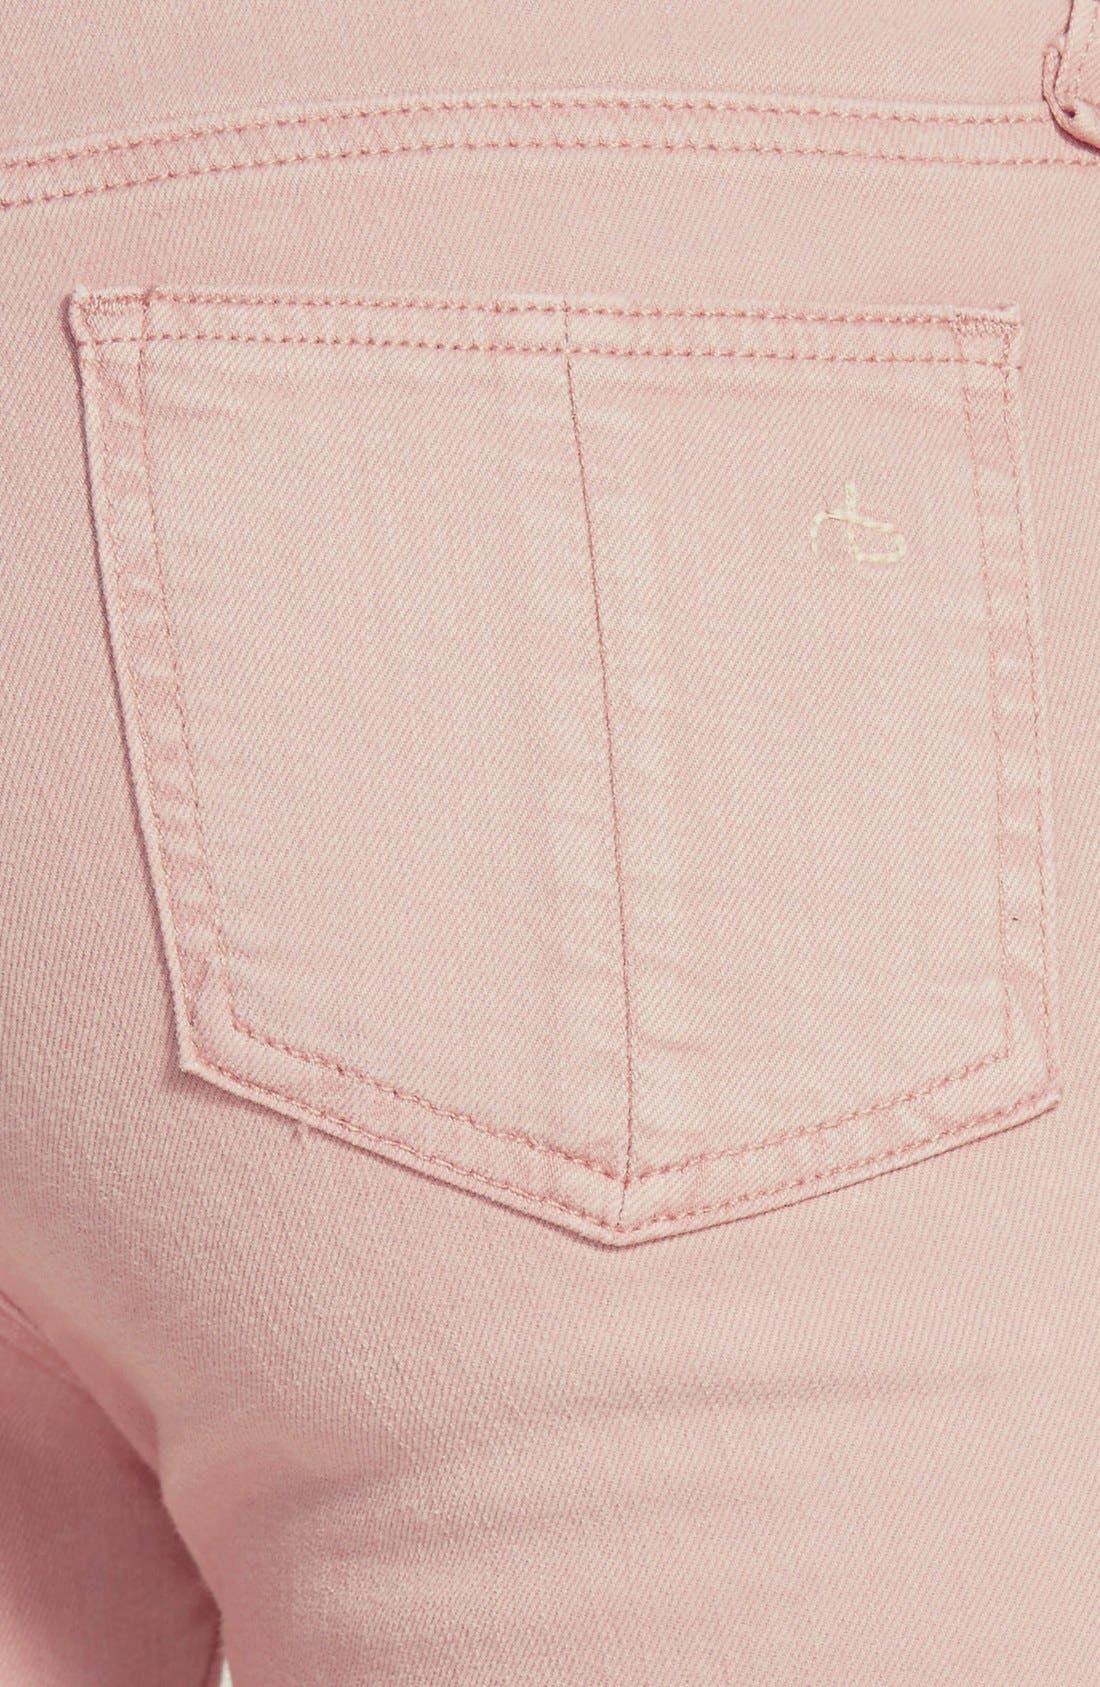 Alternate Image 3  - rag & bone/JEAN 'The Skinny' Stretch Skinny Jeans (Rose)